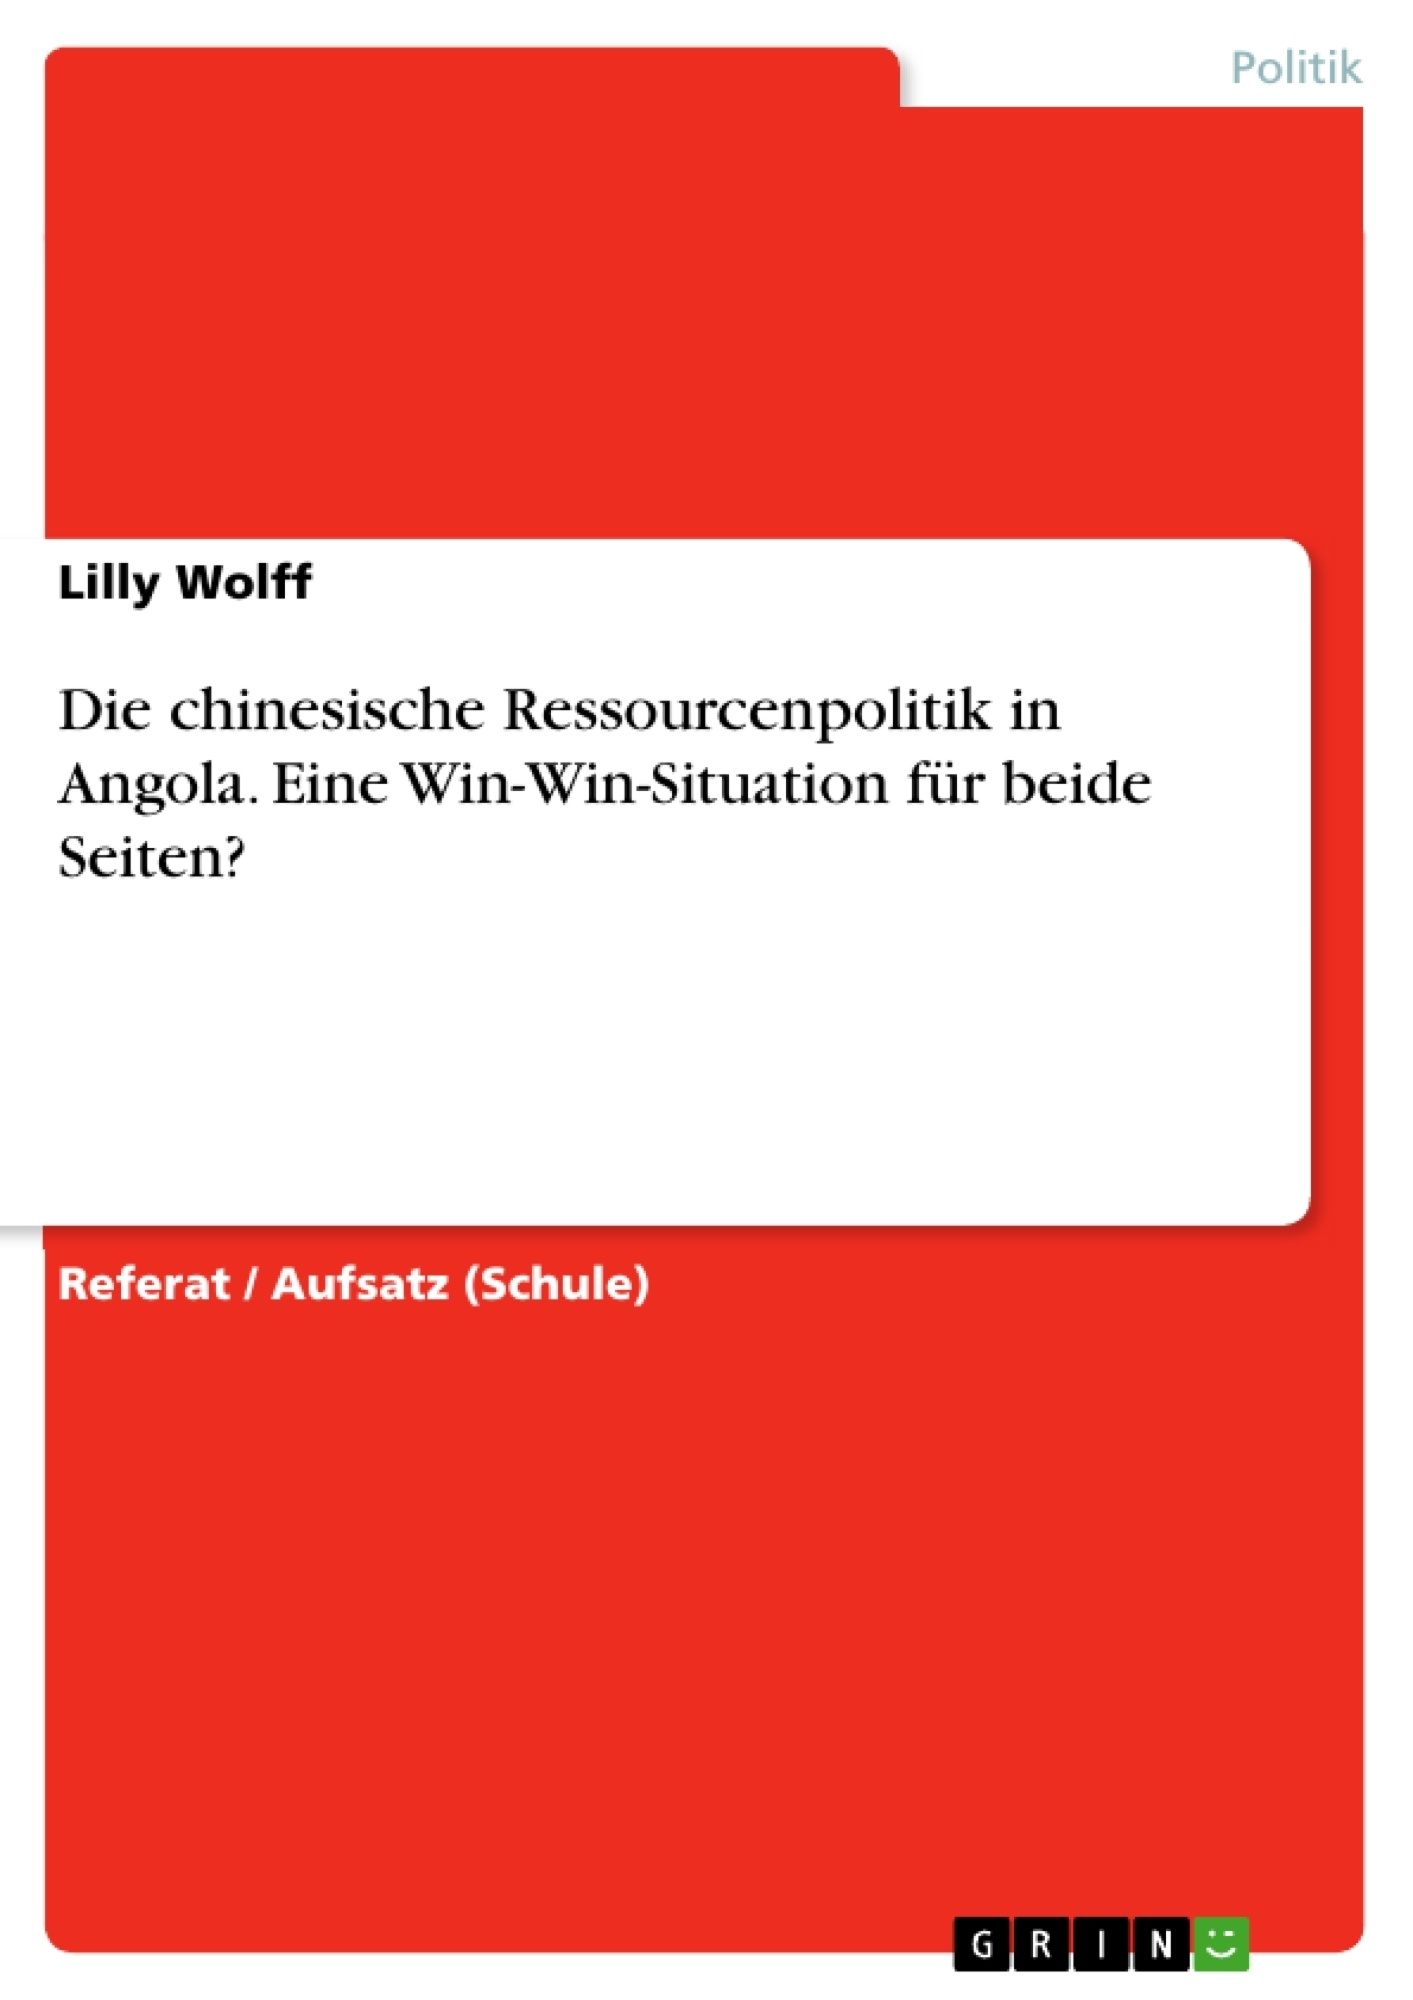 Titel: Die chinesische Ressourcenpolitik in Angola. Eine Win-Win-Situation für beide Seiten?